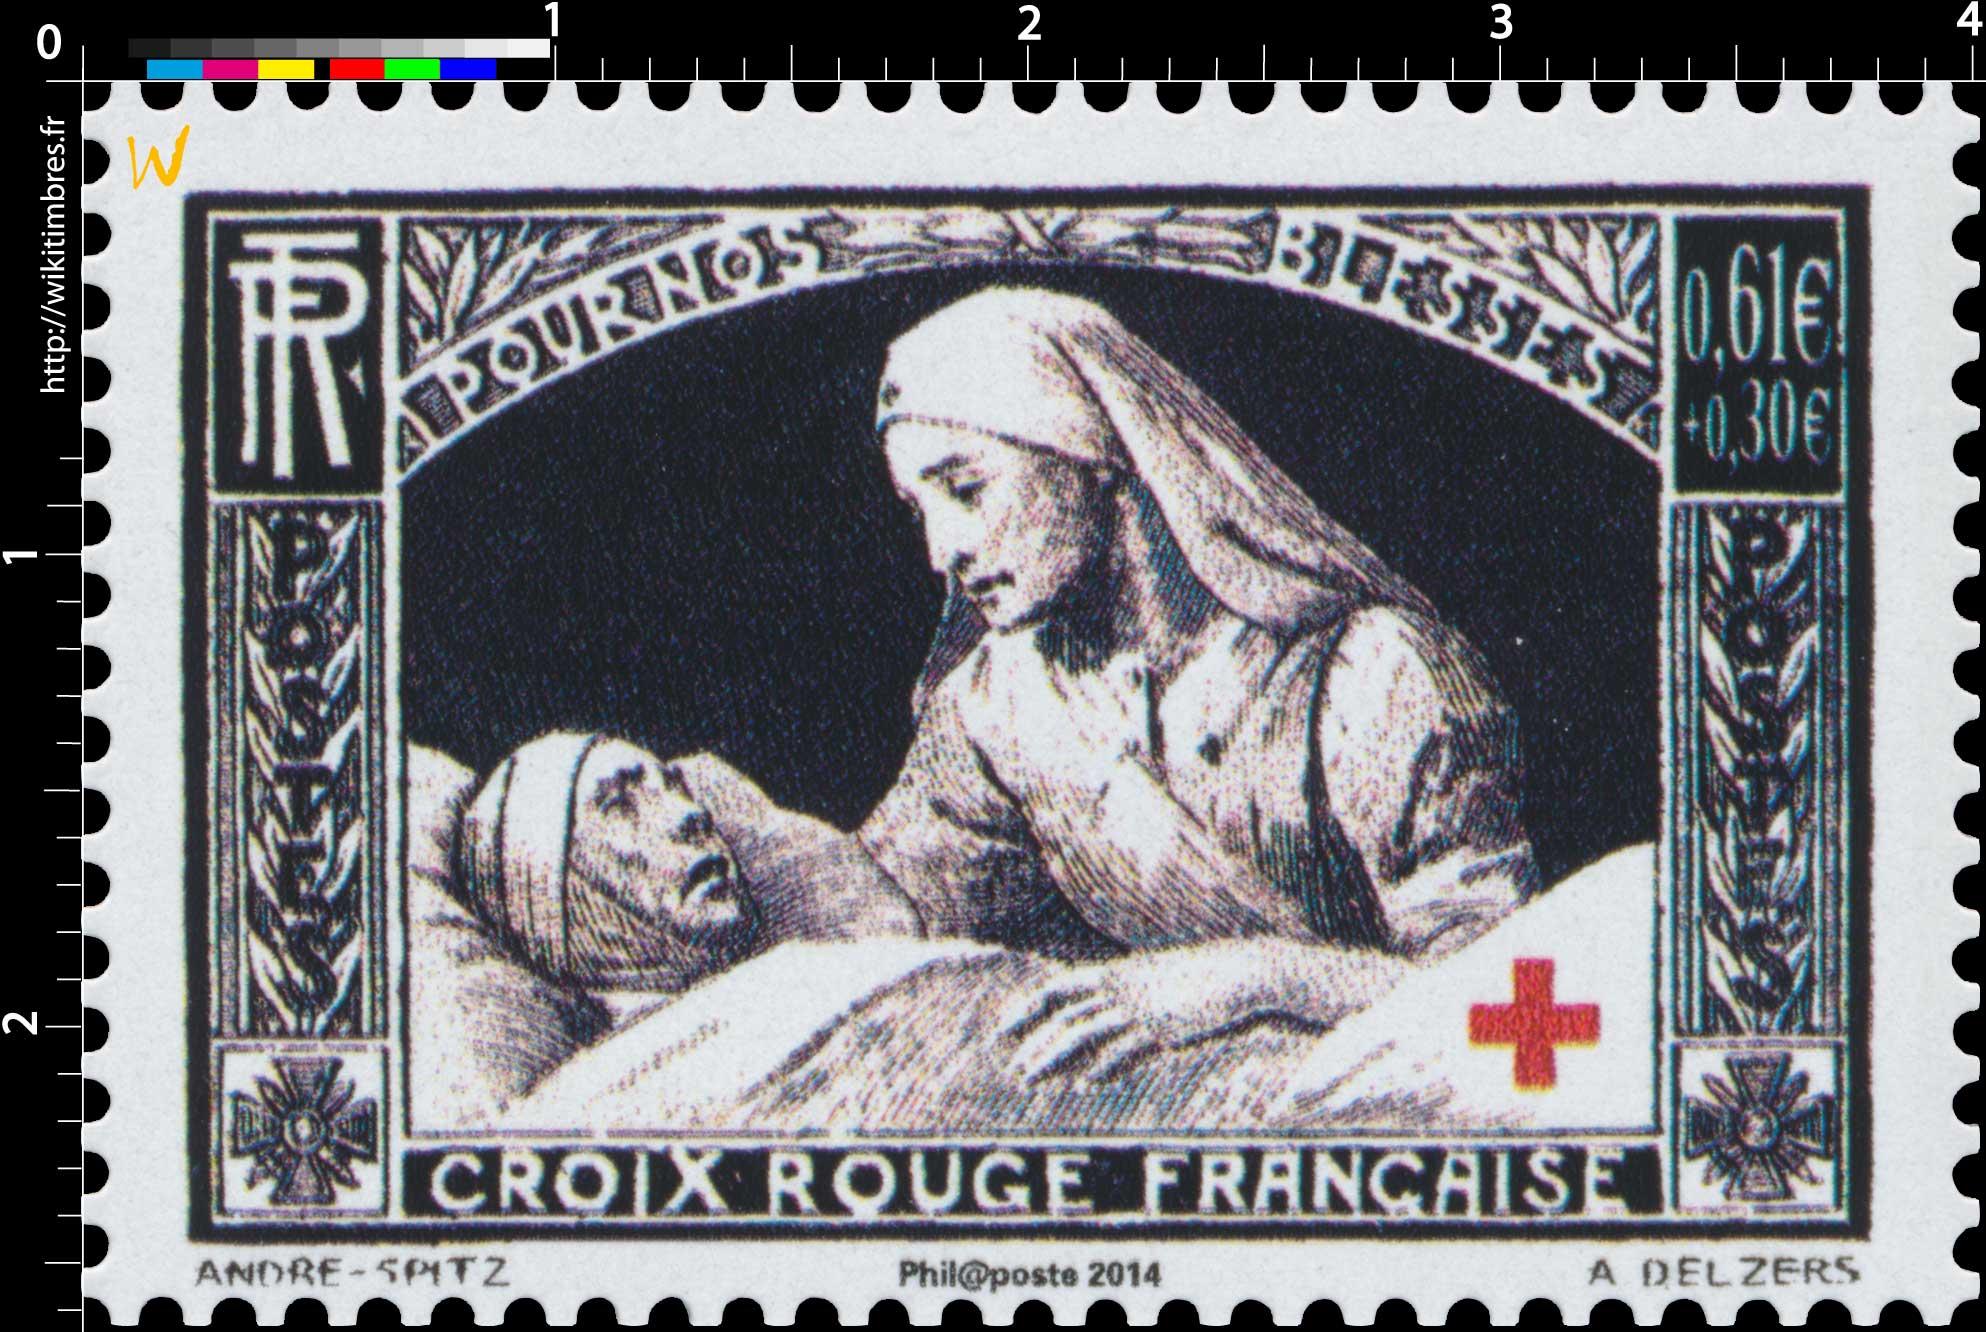 2014 Pour nos blessés Croix-Rouge française